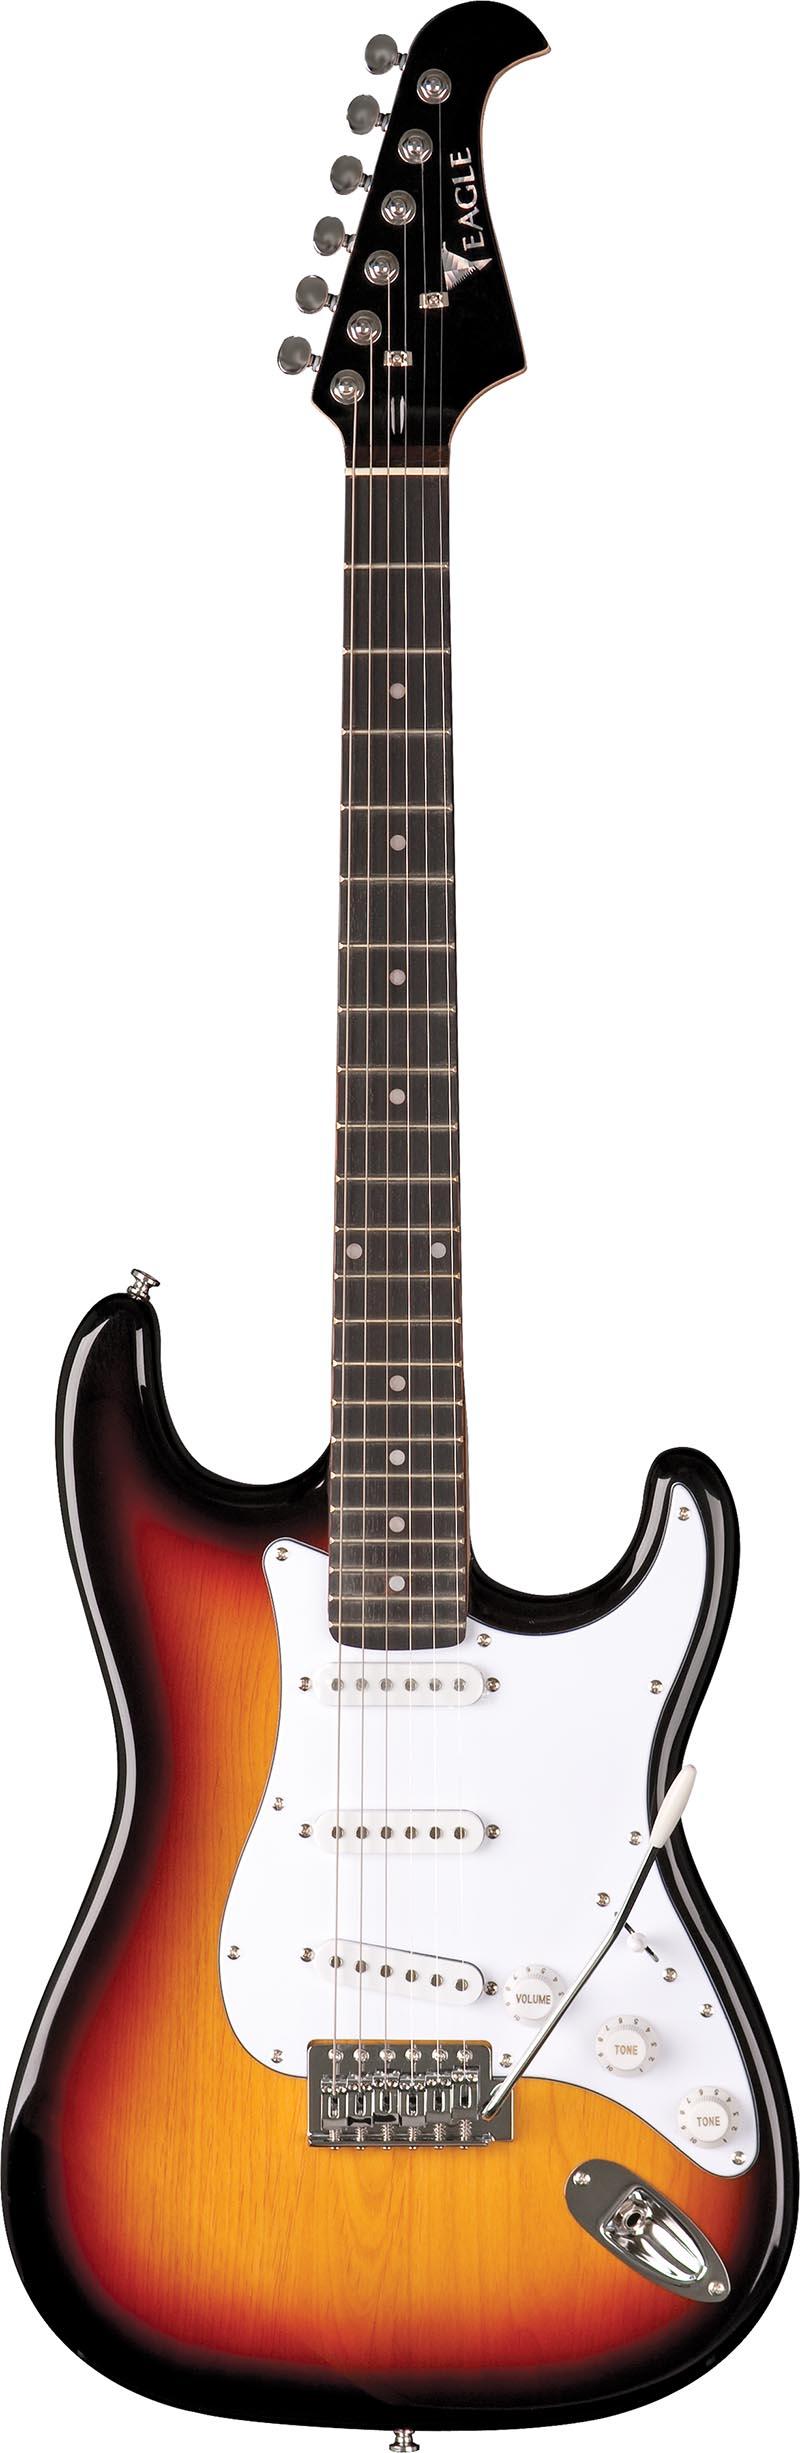 sts001 guitarra eletrica stratocaster captador simgle eagle sts001 sb sunburst visao frontal vertical